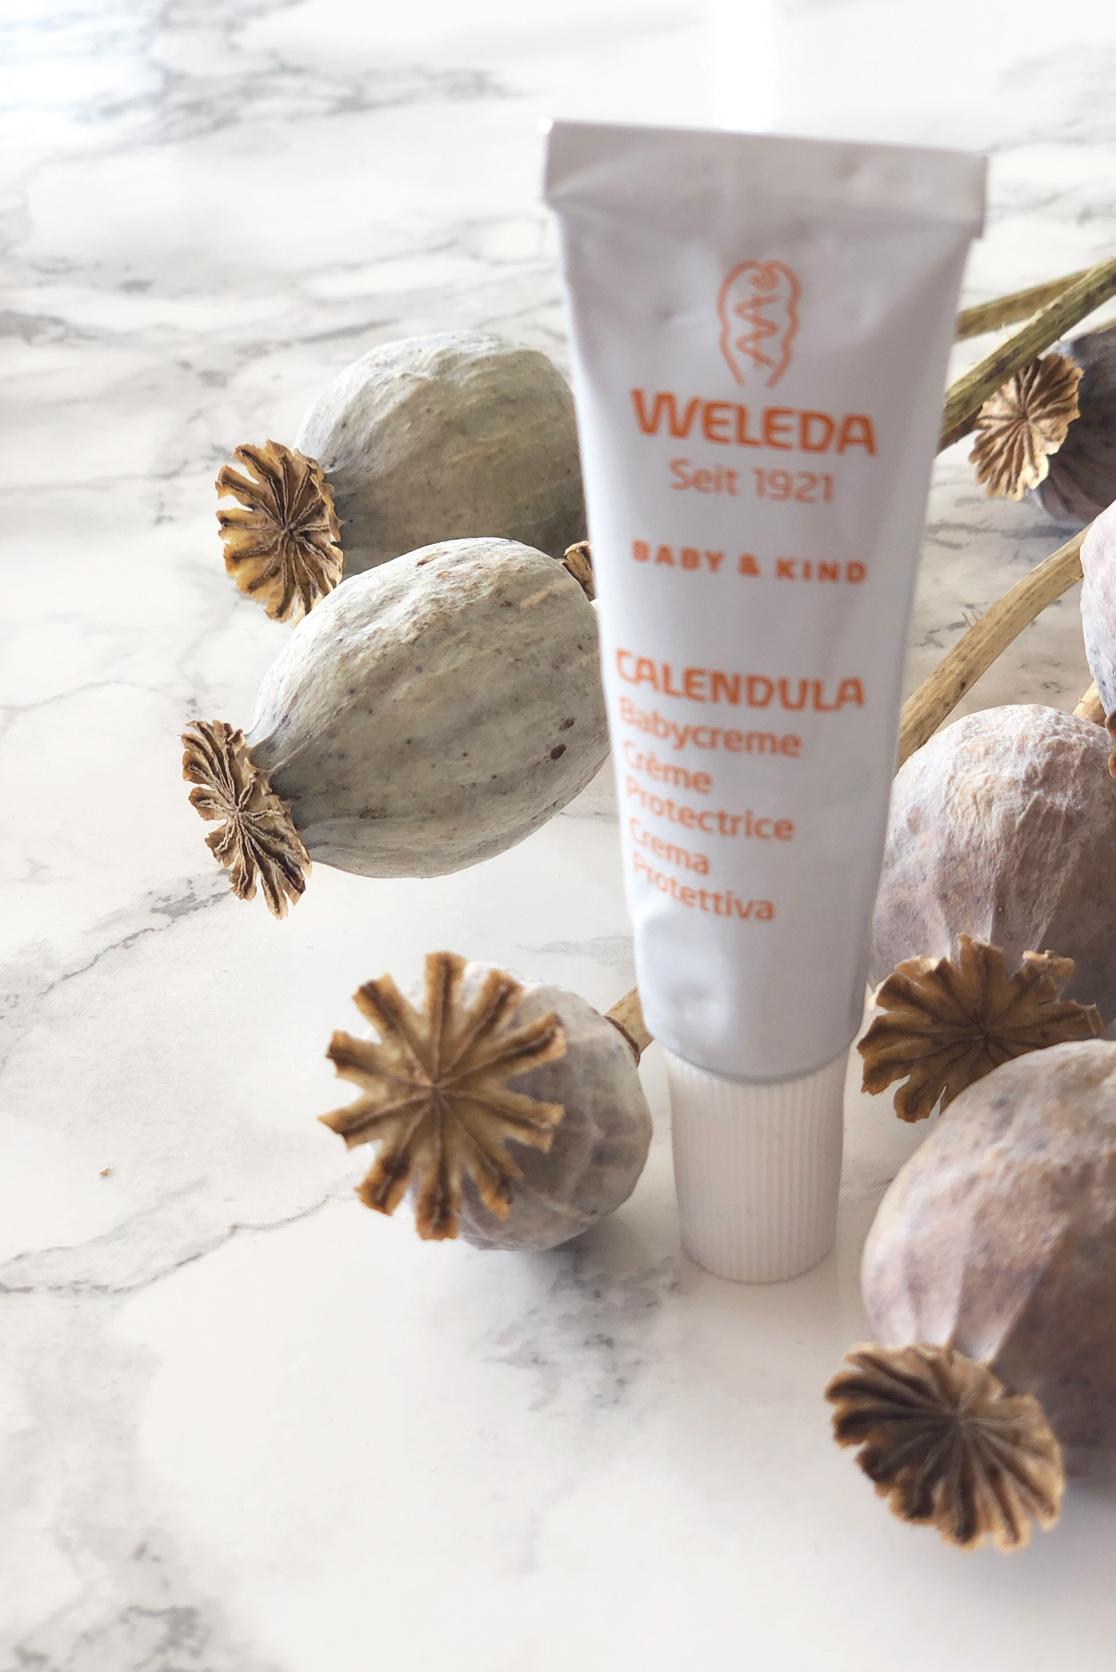 Vegane Kosmetik - Weleda Calendula Babycreme